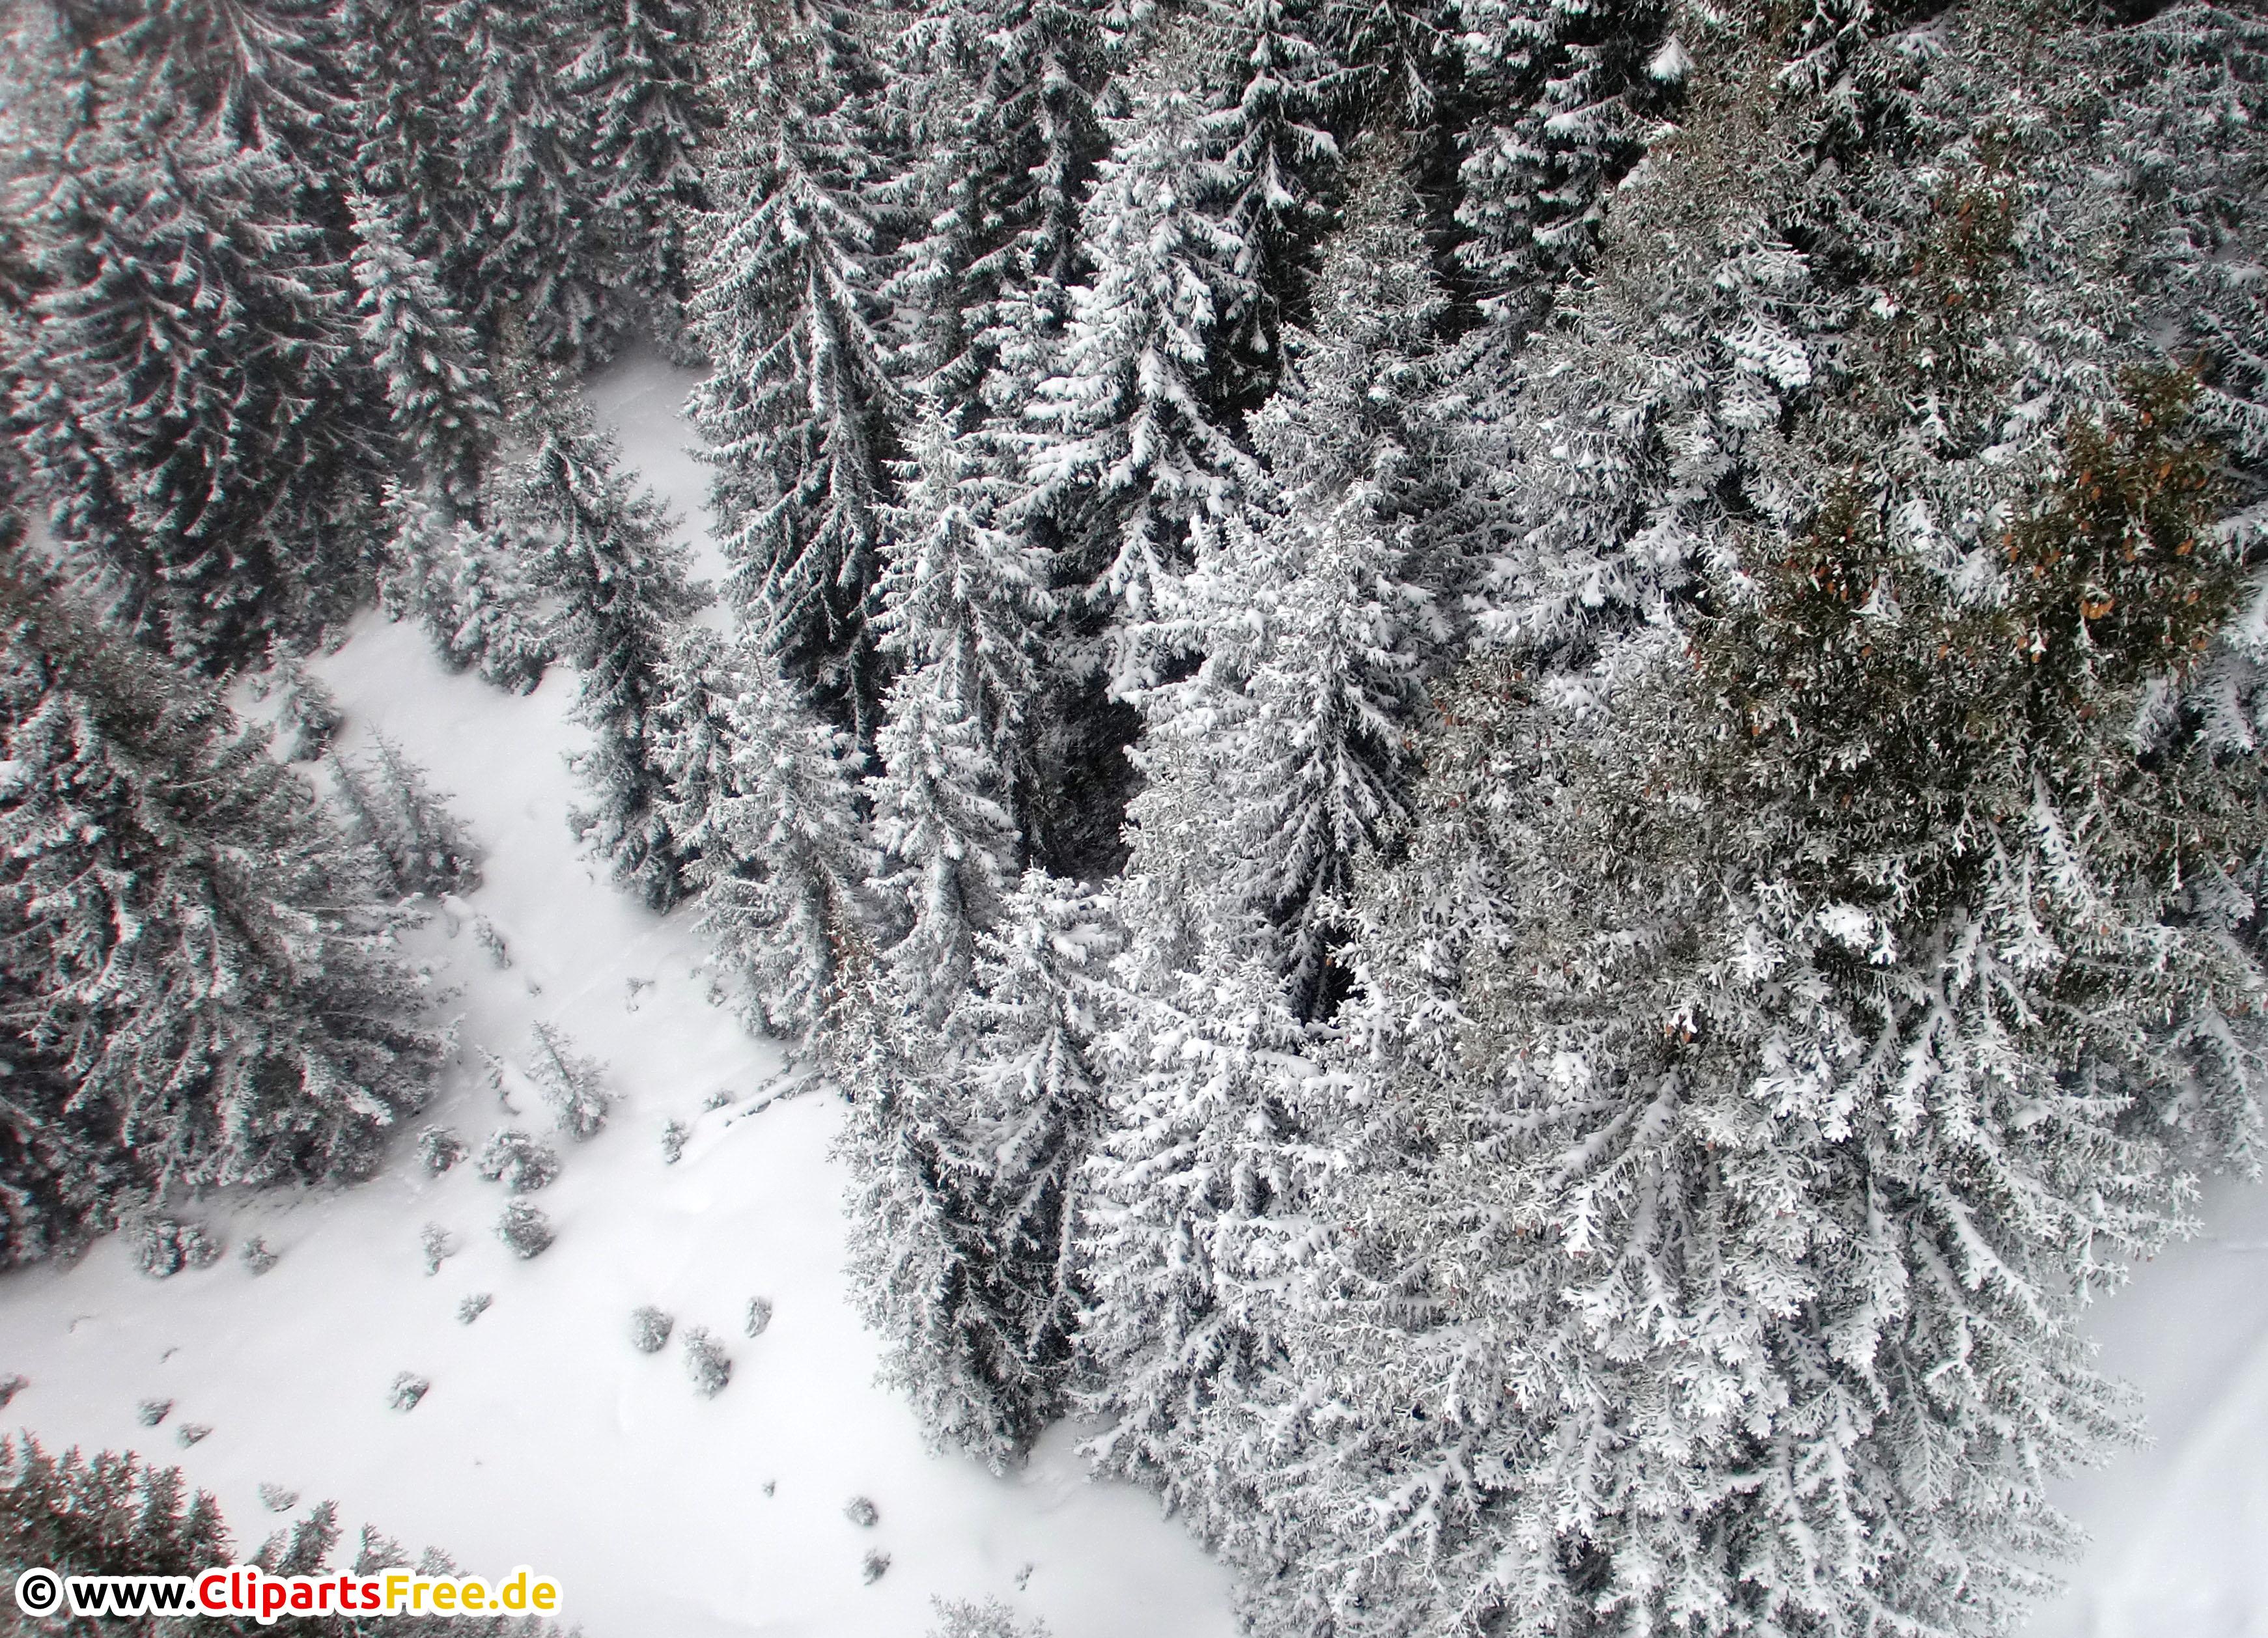 Tannenbäume im Winter Foto kostenlos